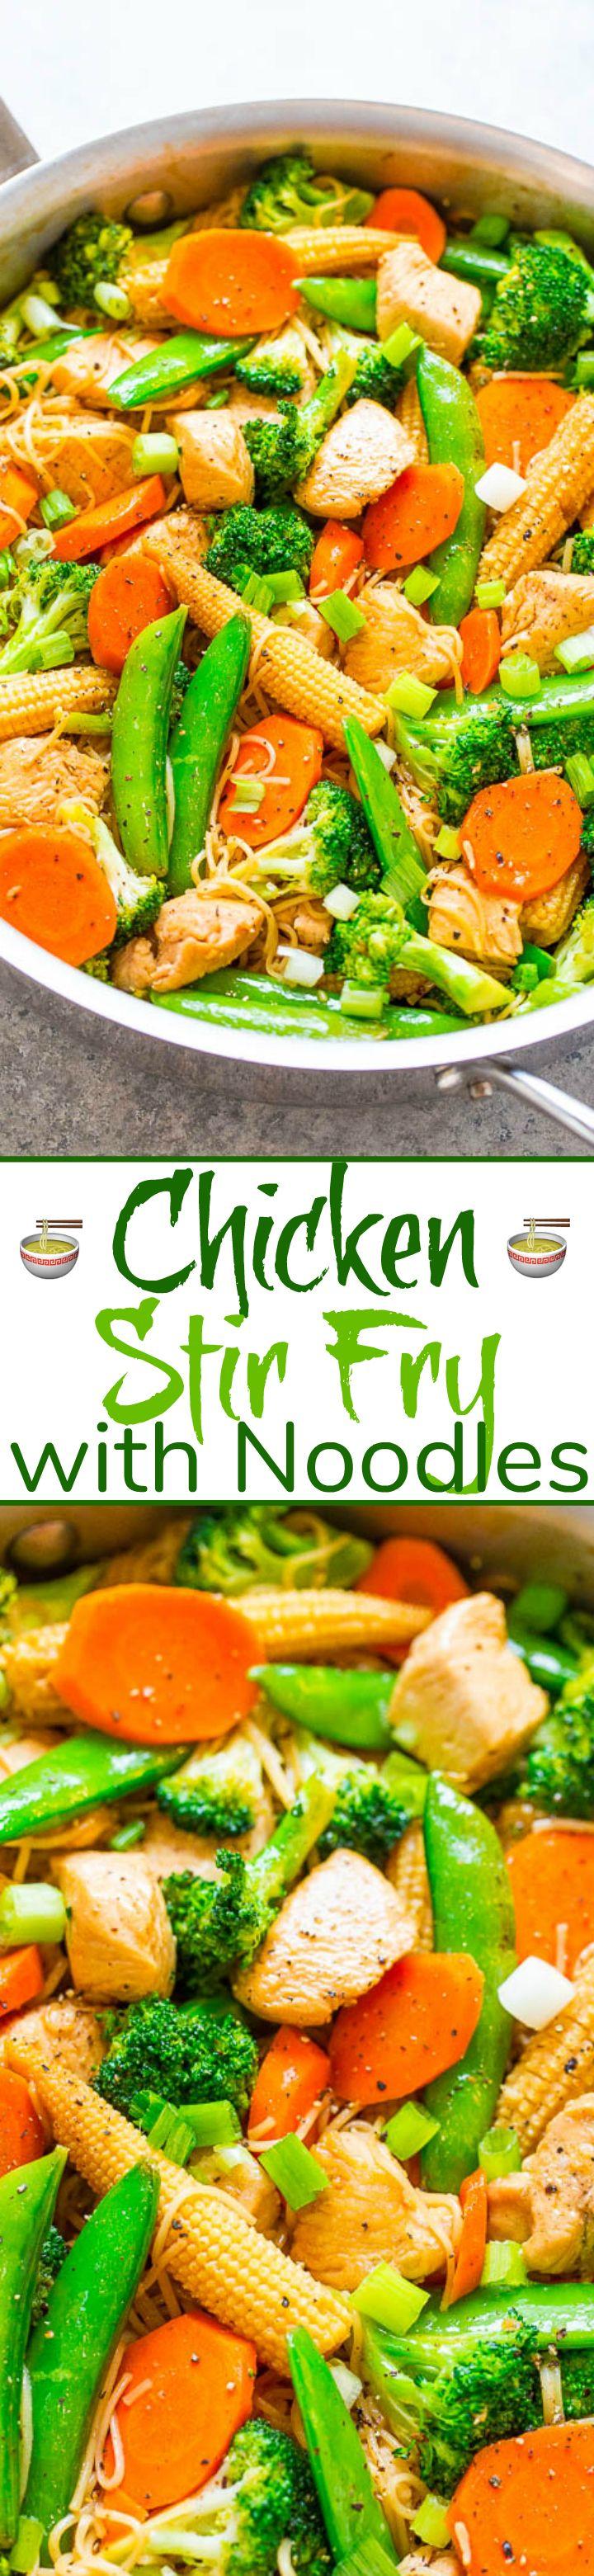 Best 25 Chicken Stir Fry Ideas On Pinterest  Chicken -1685